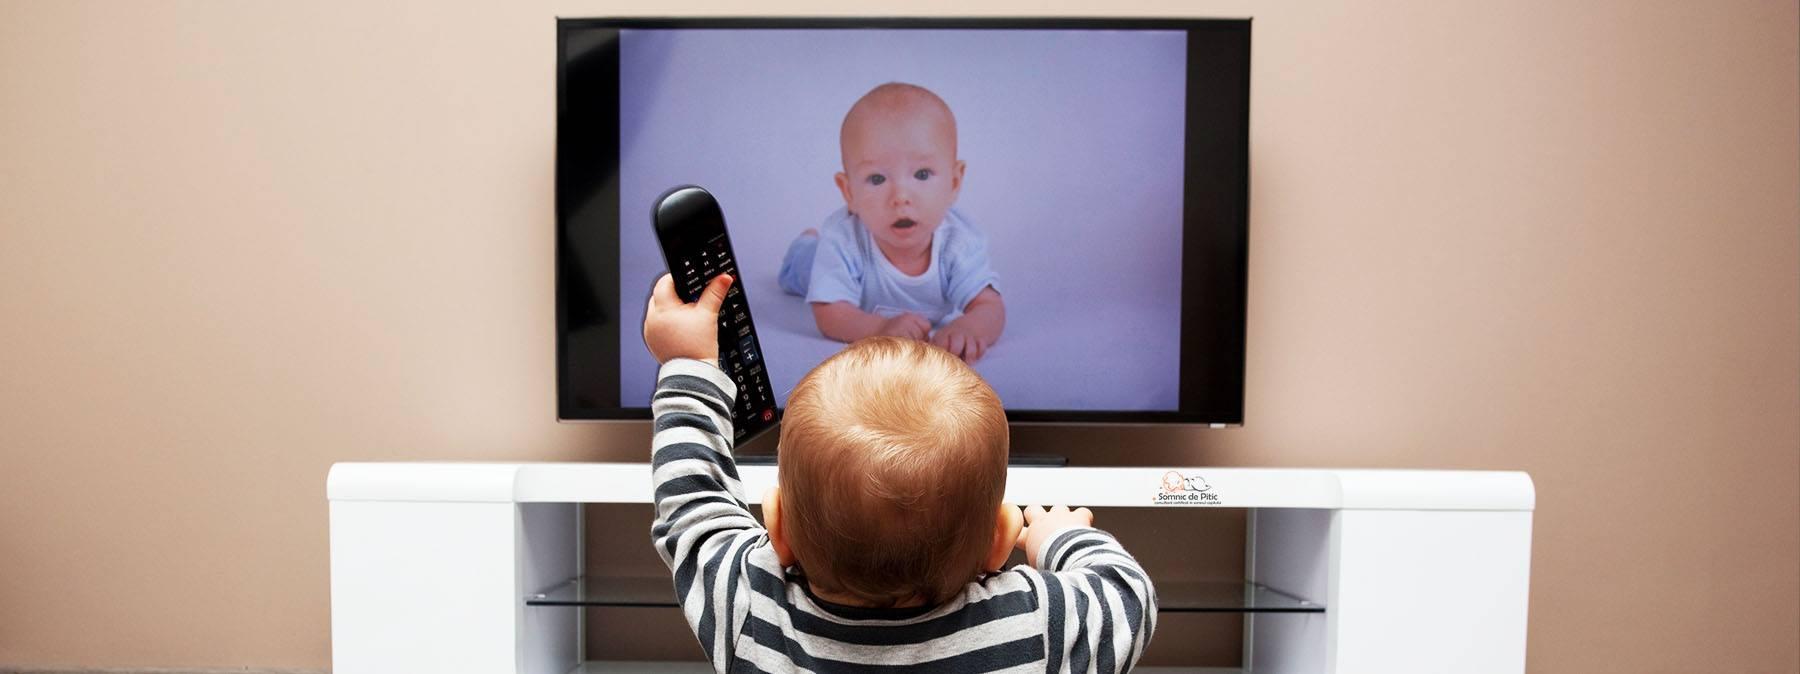 copil care se uita la un televizor cu bebelus pe ecran